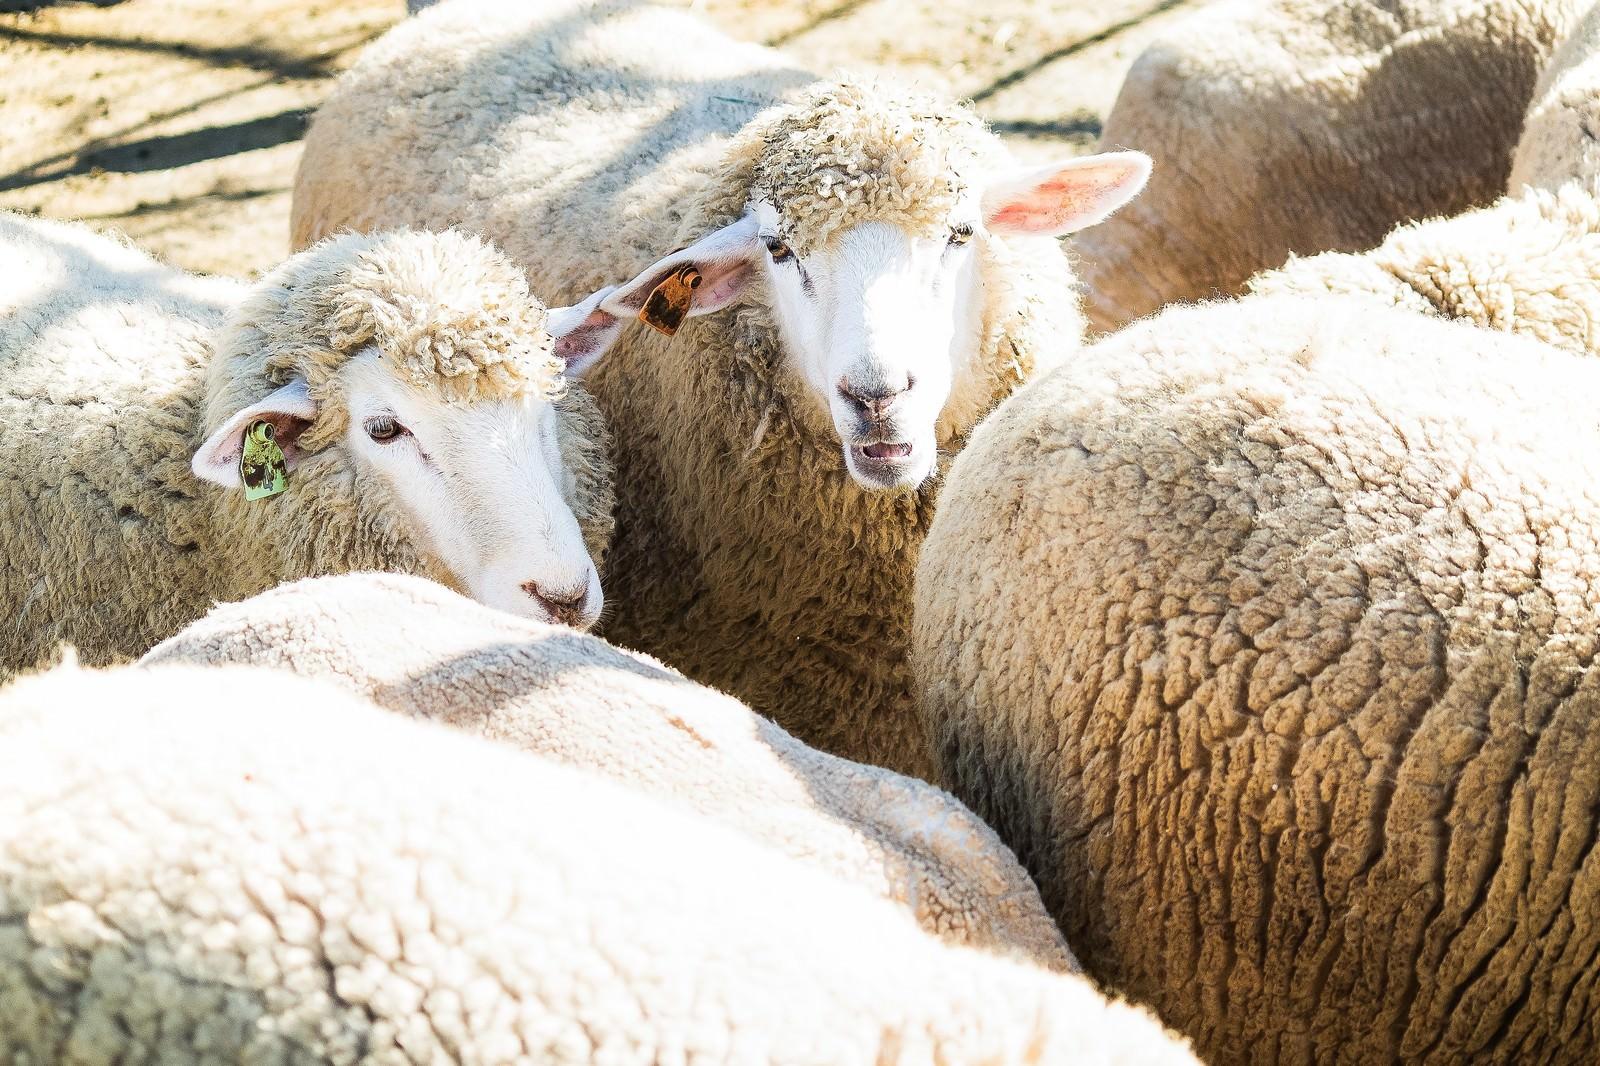 「もこもこの羊の群れ | 写真の無料素材・フリー素材 - ぱくたそ」の写真